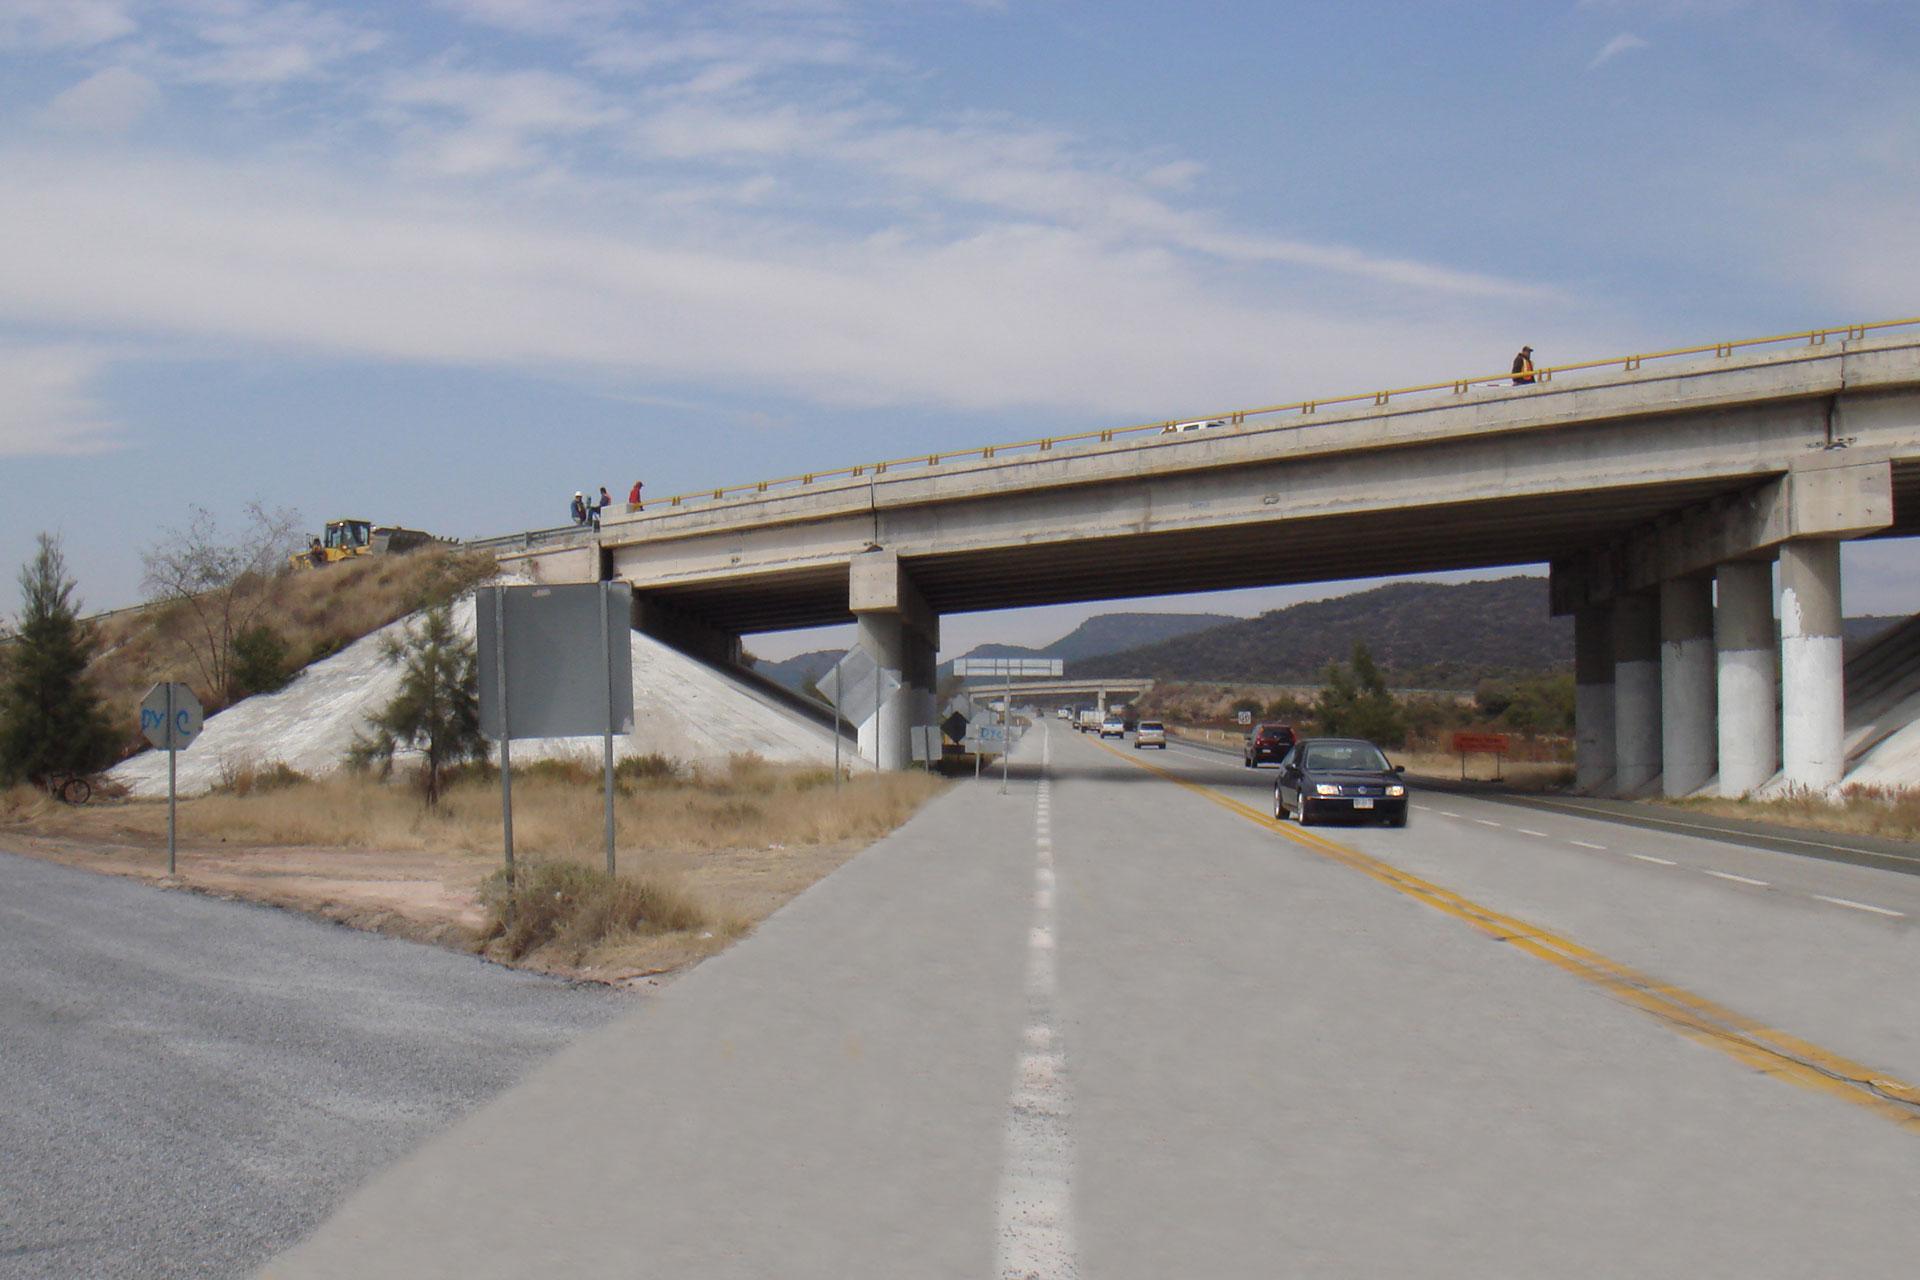 dycusa-carretera-zacatecas-aguascalientes